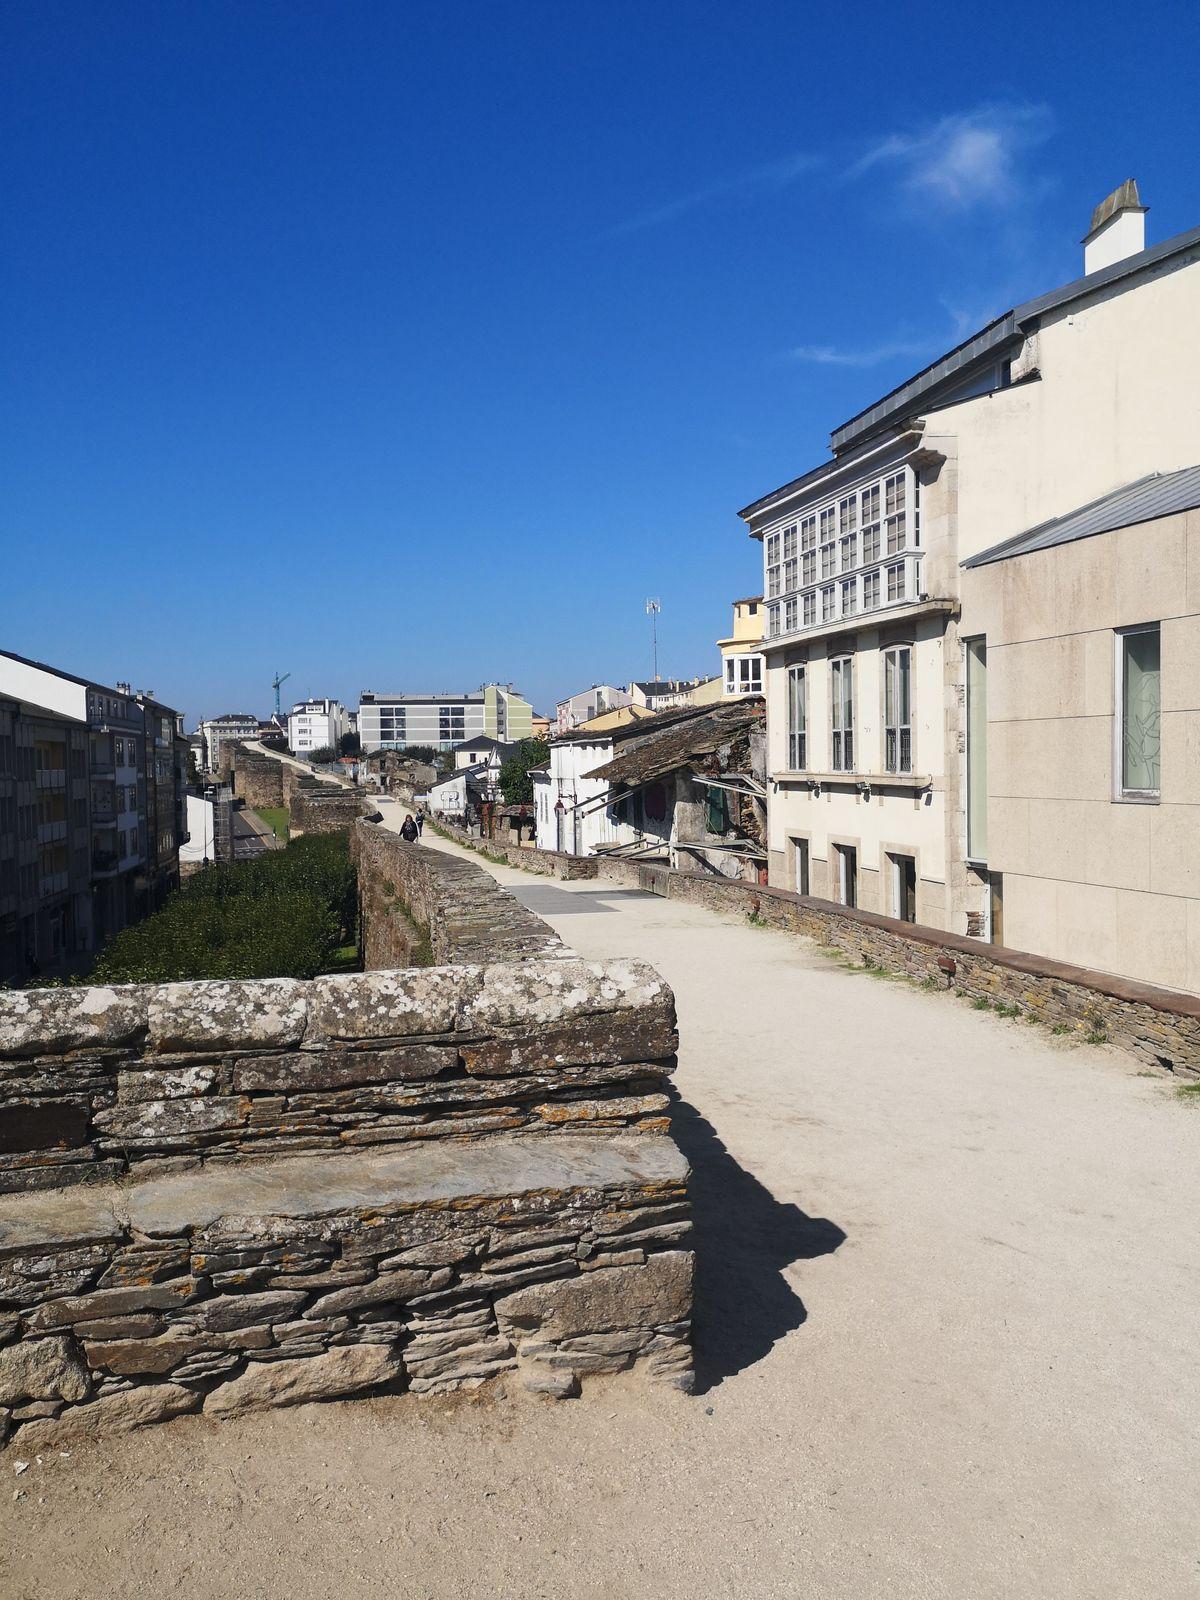 Sa ville close romaine. La muraille de Lugo est une fortification militaire de la province romaine de Gallaecia. Sa construction a certainement débuté en 260, lorsque Lucus Augusti (Lugo) est devenu un centre important de communication et de commerce de la Gallaecia romaine, et s'est terminée sous Constantin Ier. Cette muraille romaine entoure le centre historique de la ville de Lugo (Espagne), elle est très bien conservée, intégrée au cours des siècles à l'urbanisation de la ville, et avec quelques ajouts, elle garde en grande partie son aspect d'origine.Le mur, avec ses 85 tours massives, s'étend sur une longueur de 2 266 m, est percé de dix portes. On peut le parcourir à pied sur toute sa longueur, son chemin de ronde fait office de promenade.